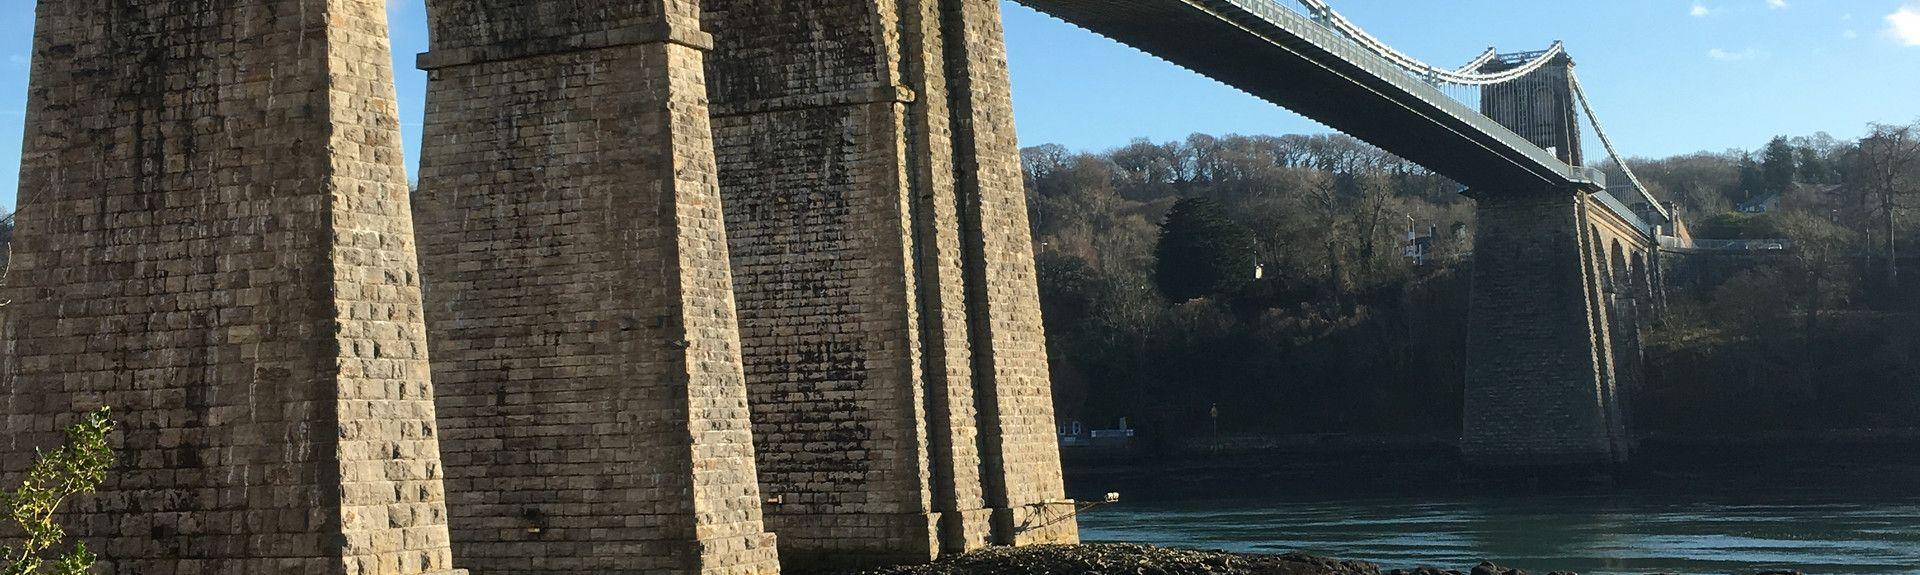 Roman Bridge Station, Dolwyddelan, Wales, United Kingdom